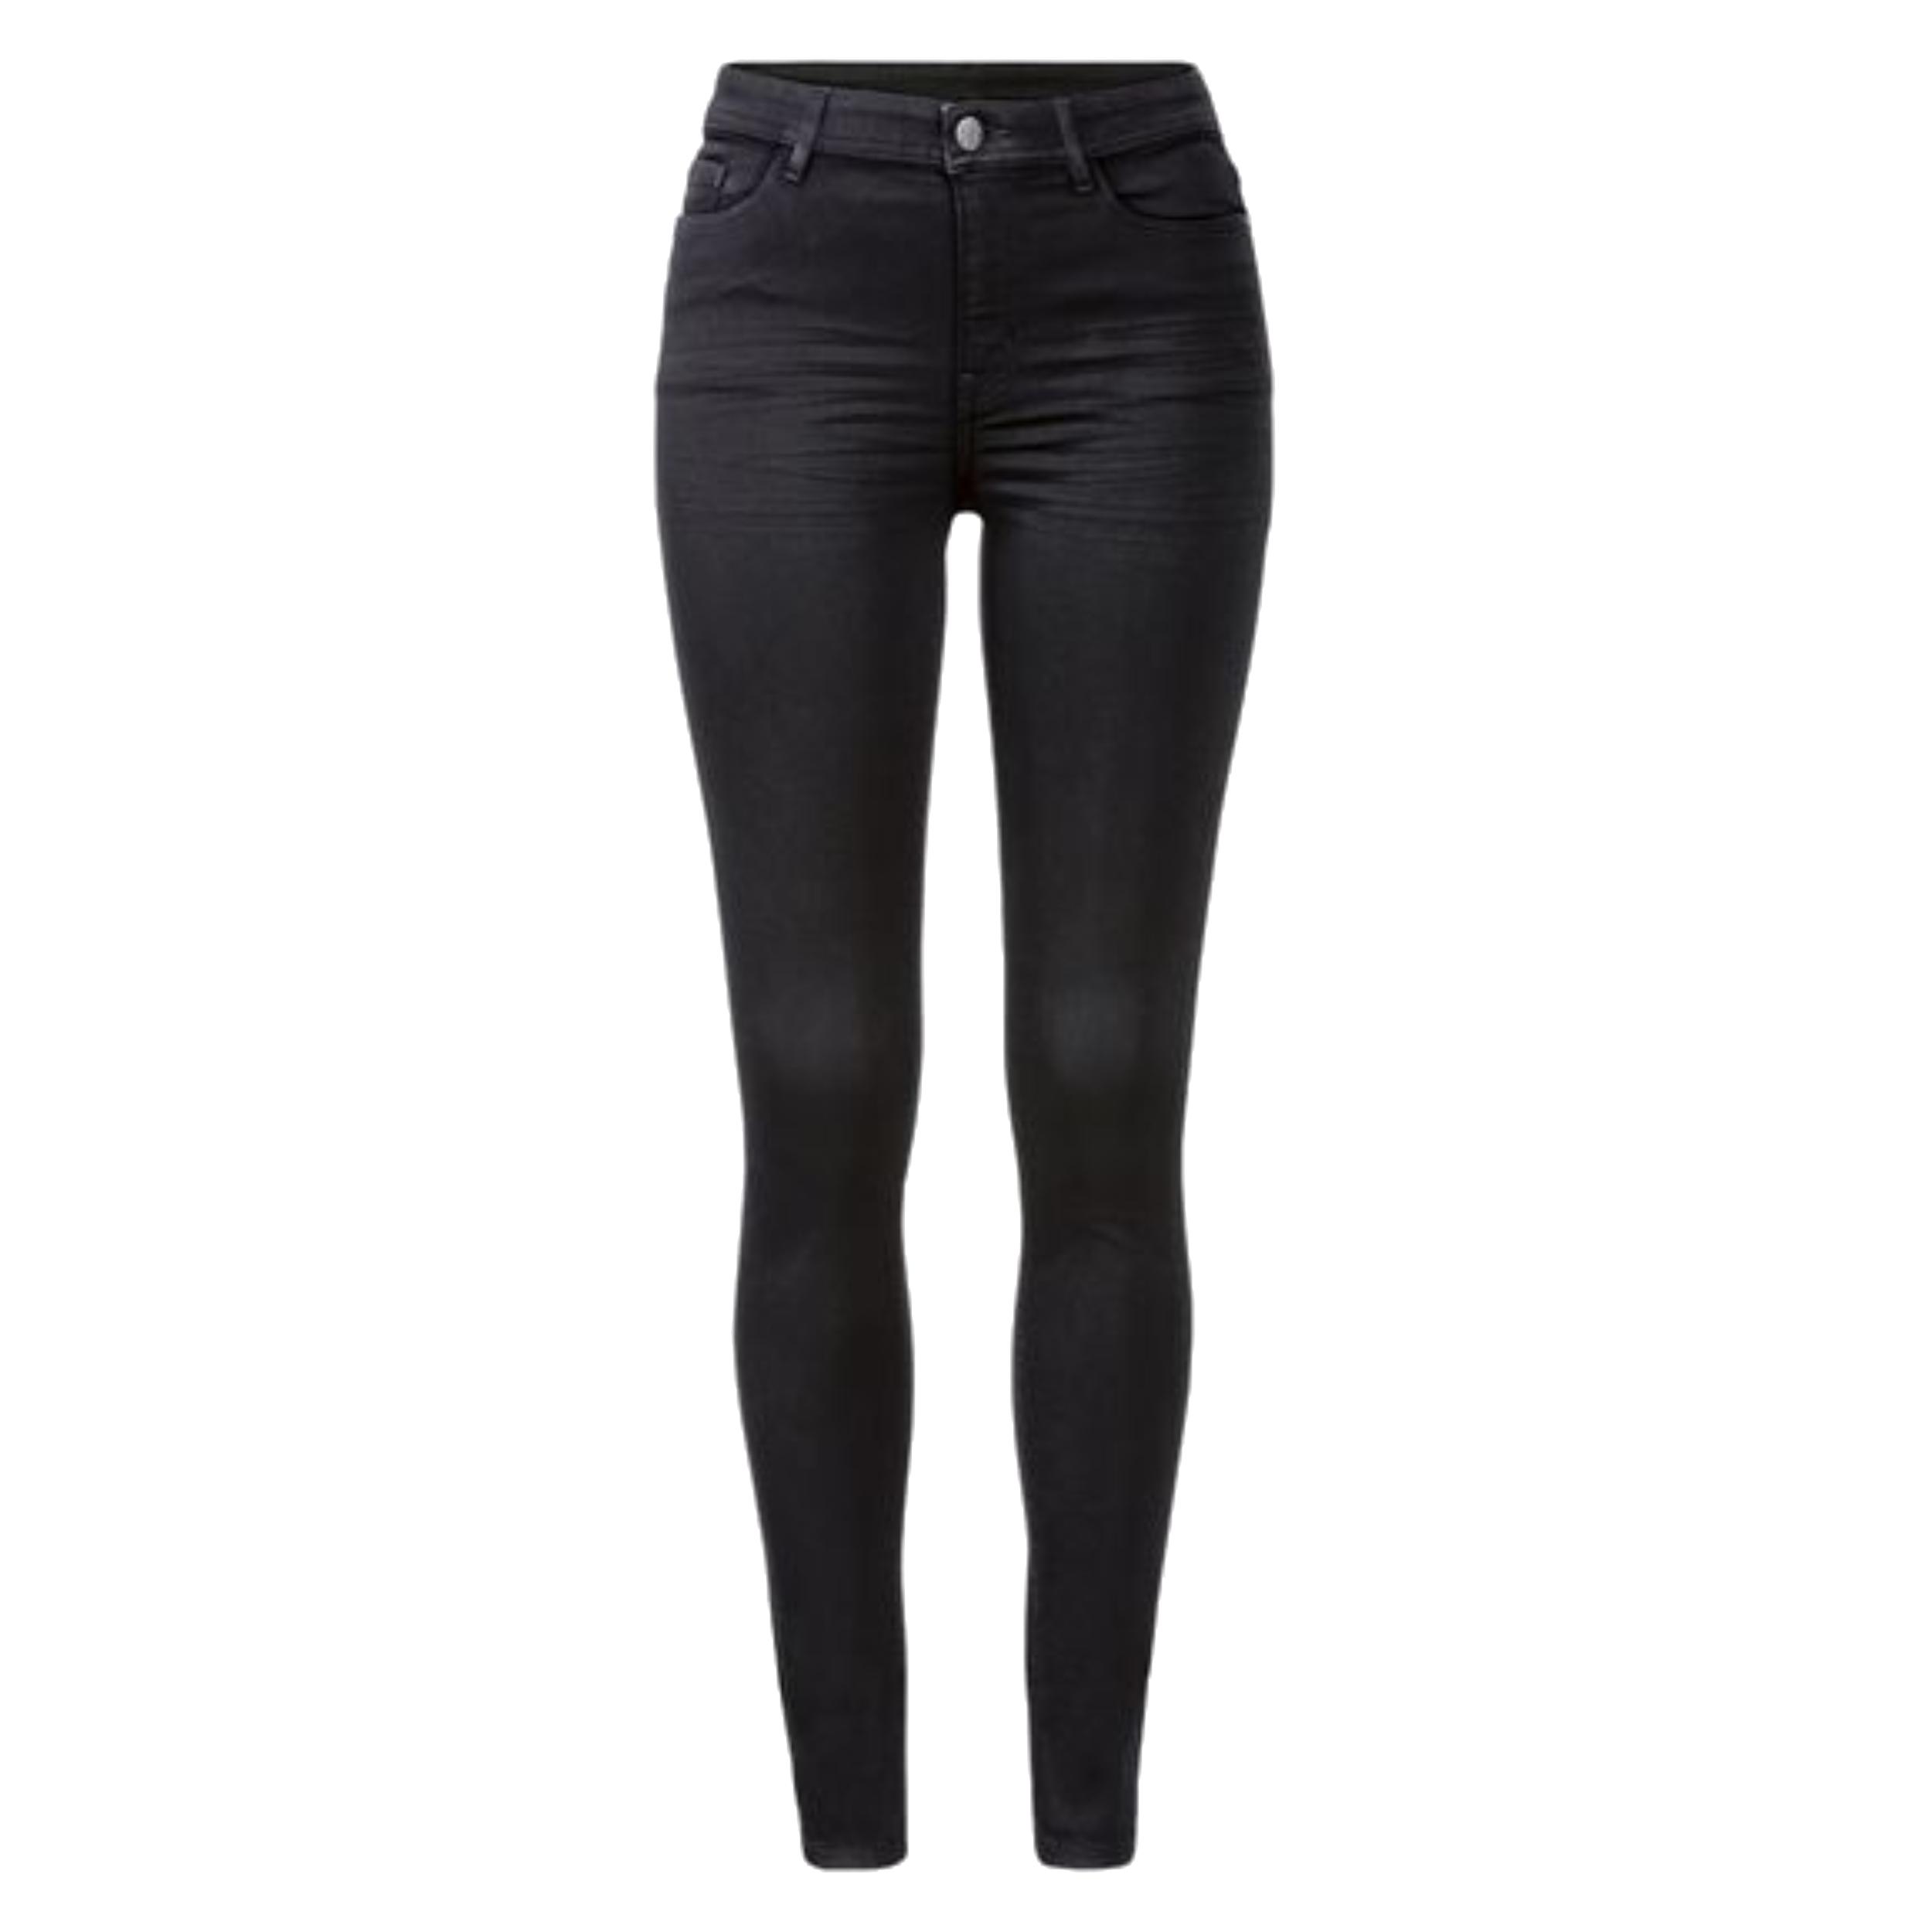 شلوار جین زنانه اسمارا مدل IAN 306334